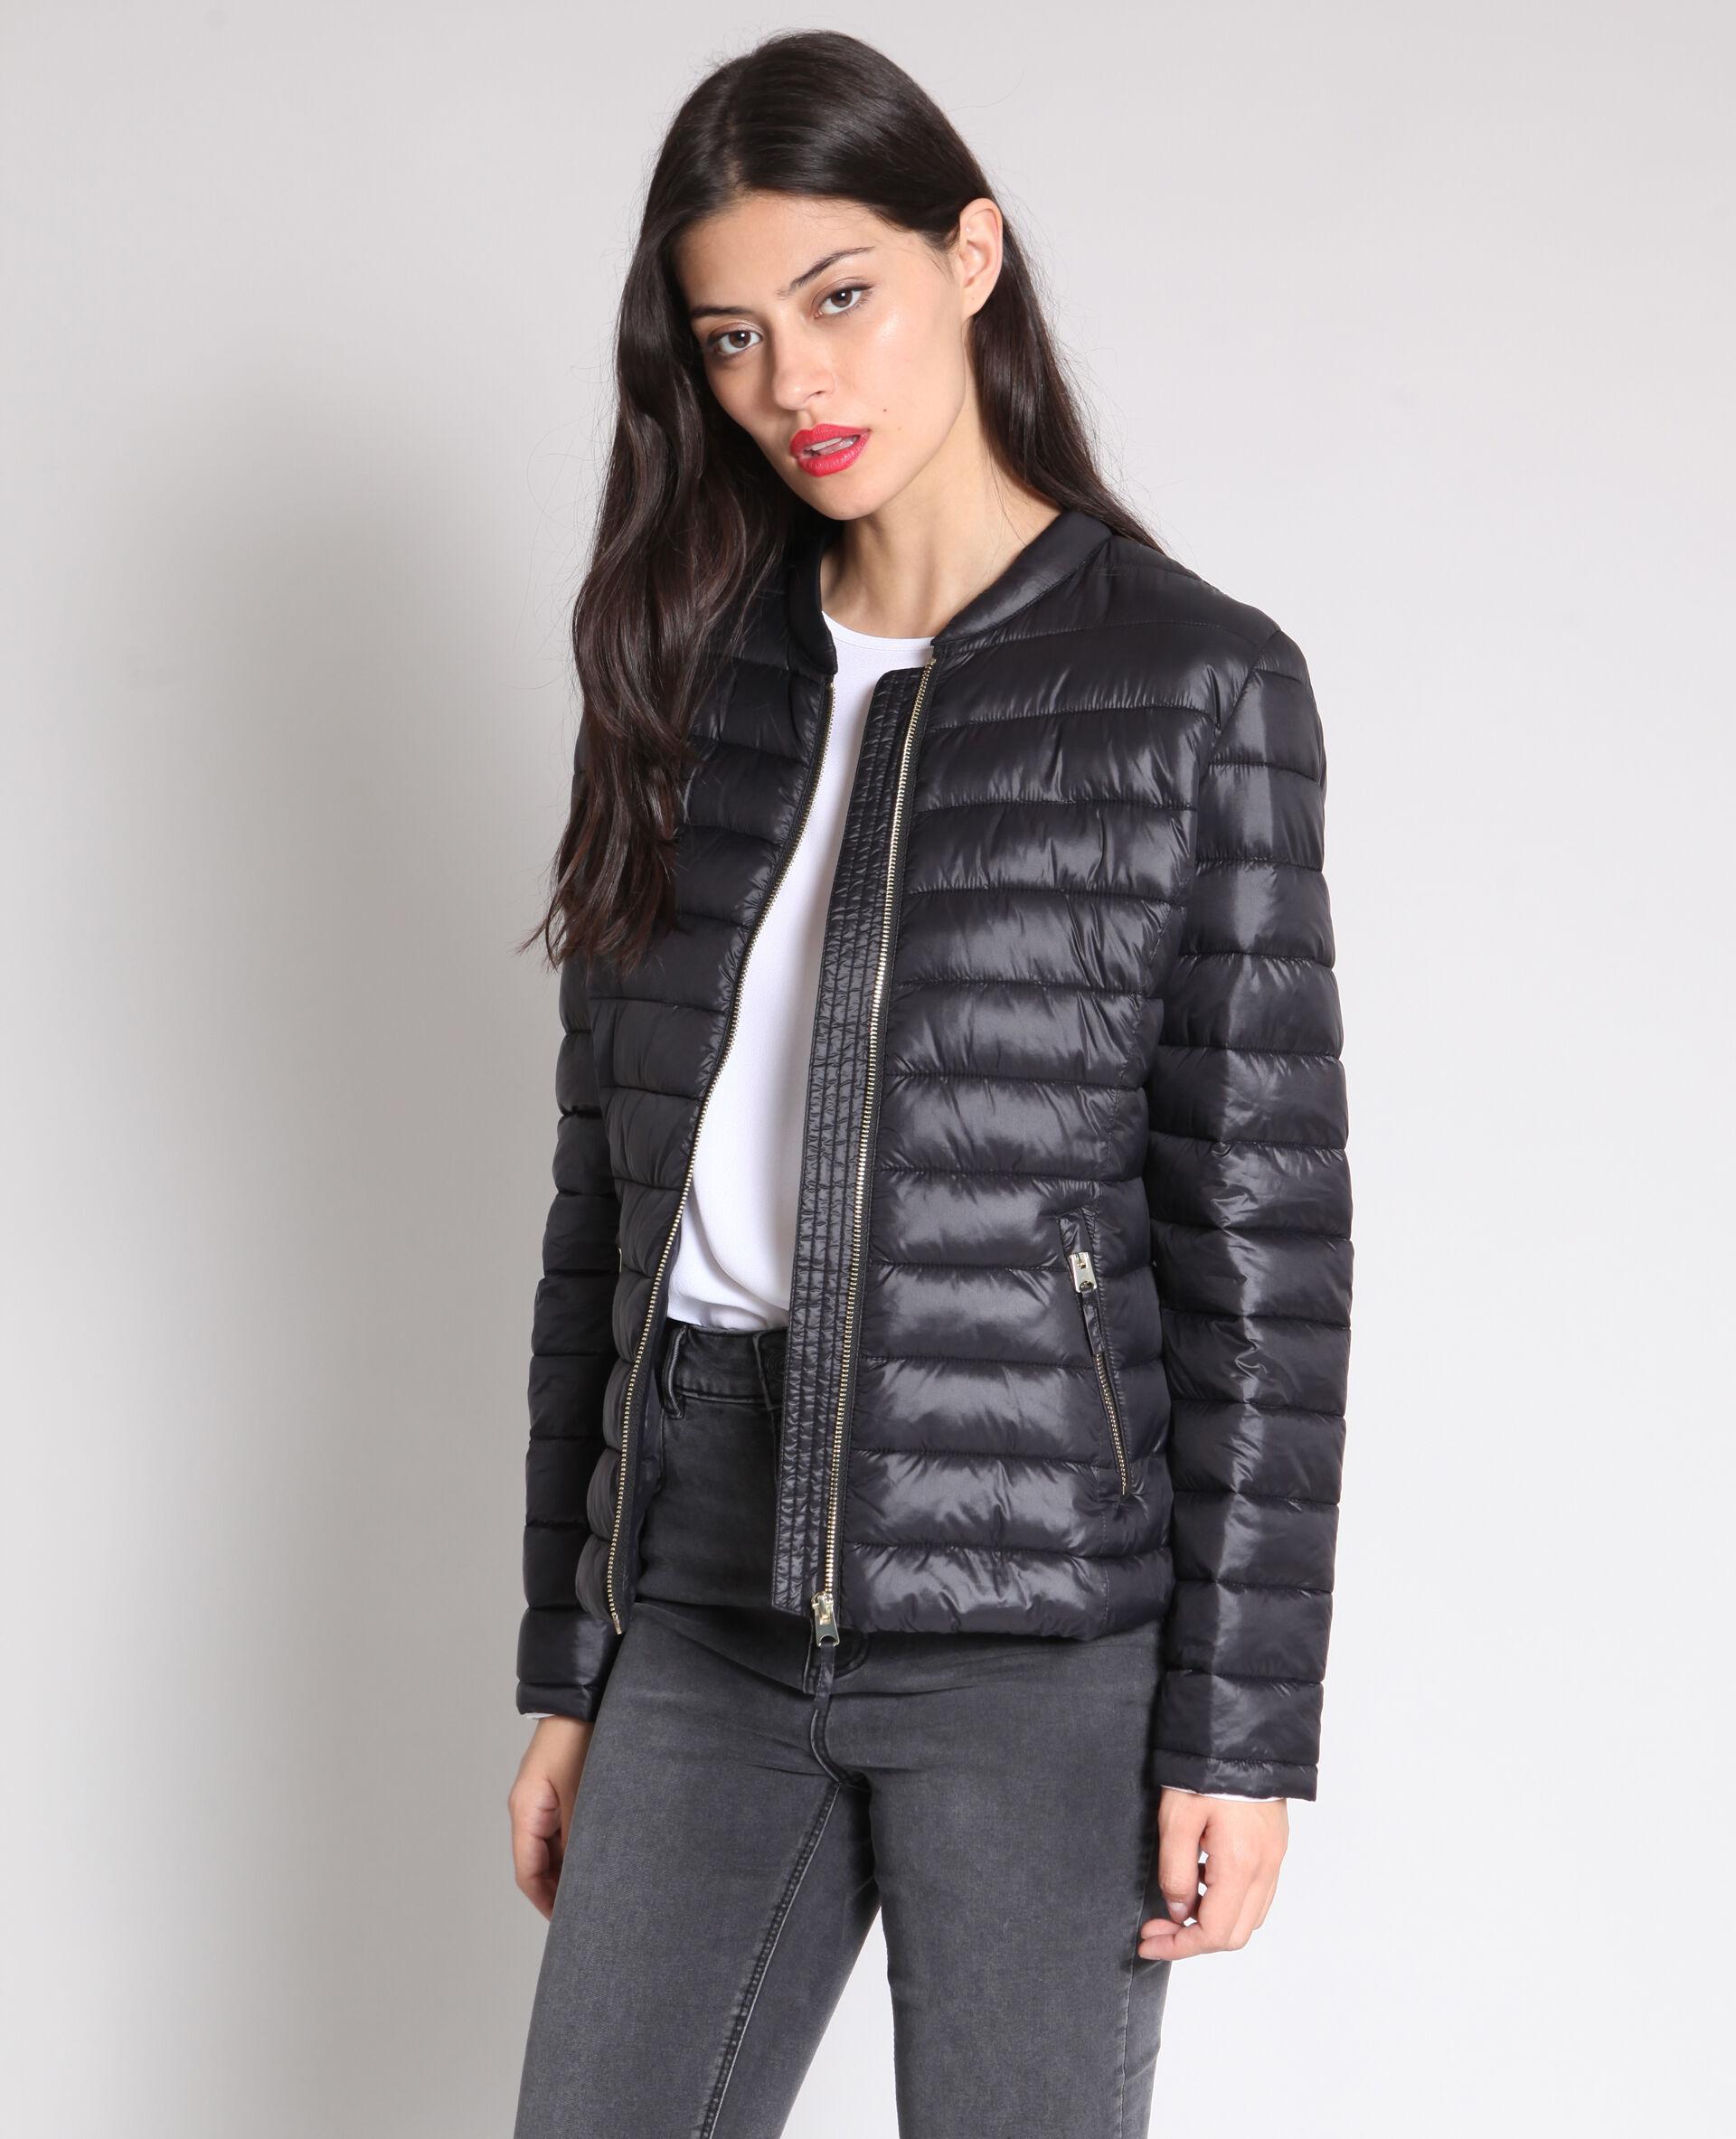 Manteau femme tres long noir pas cher